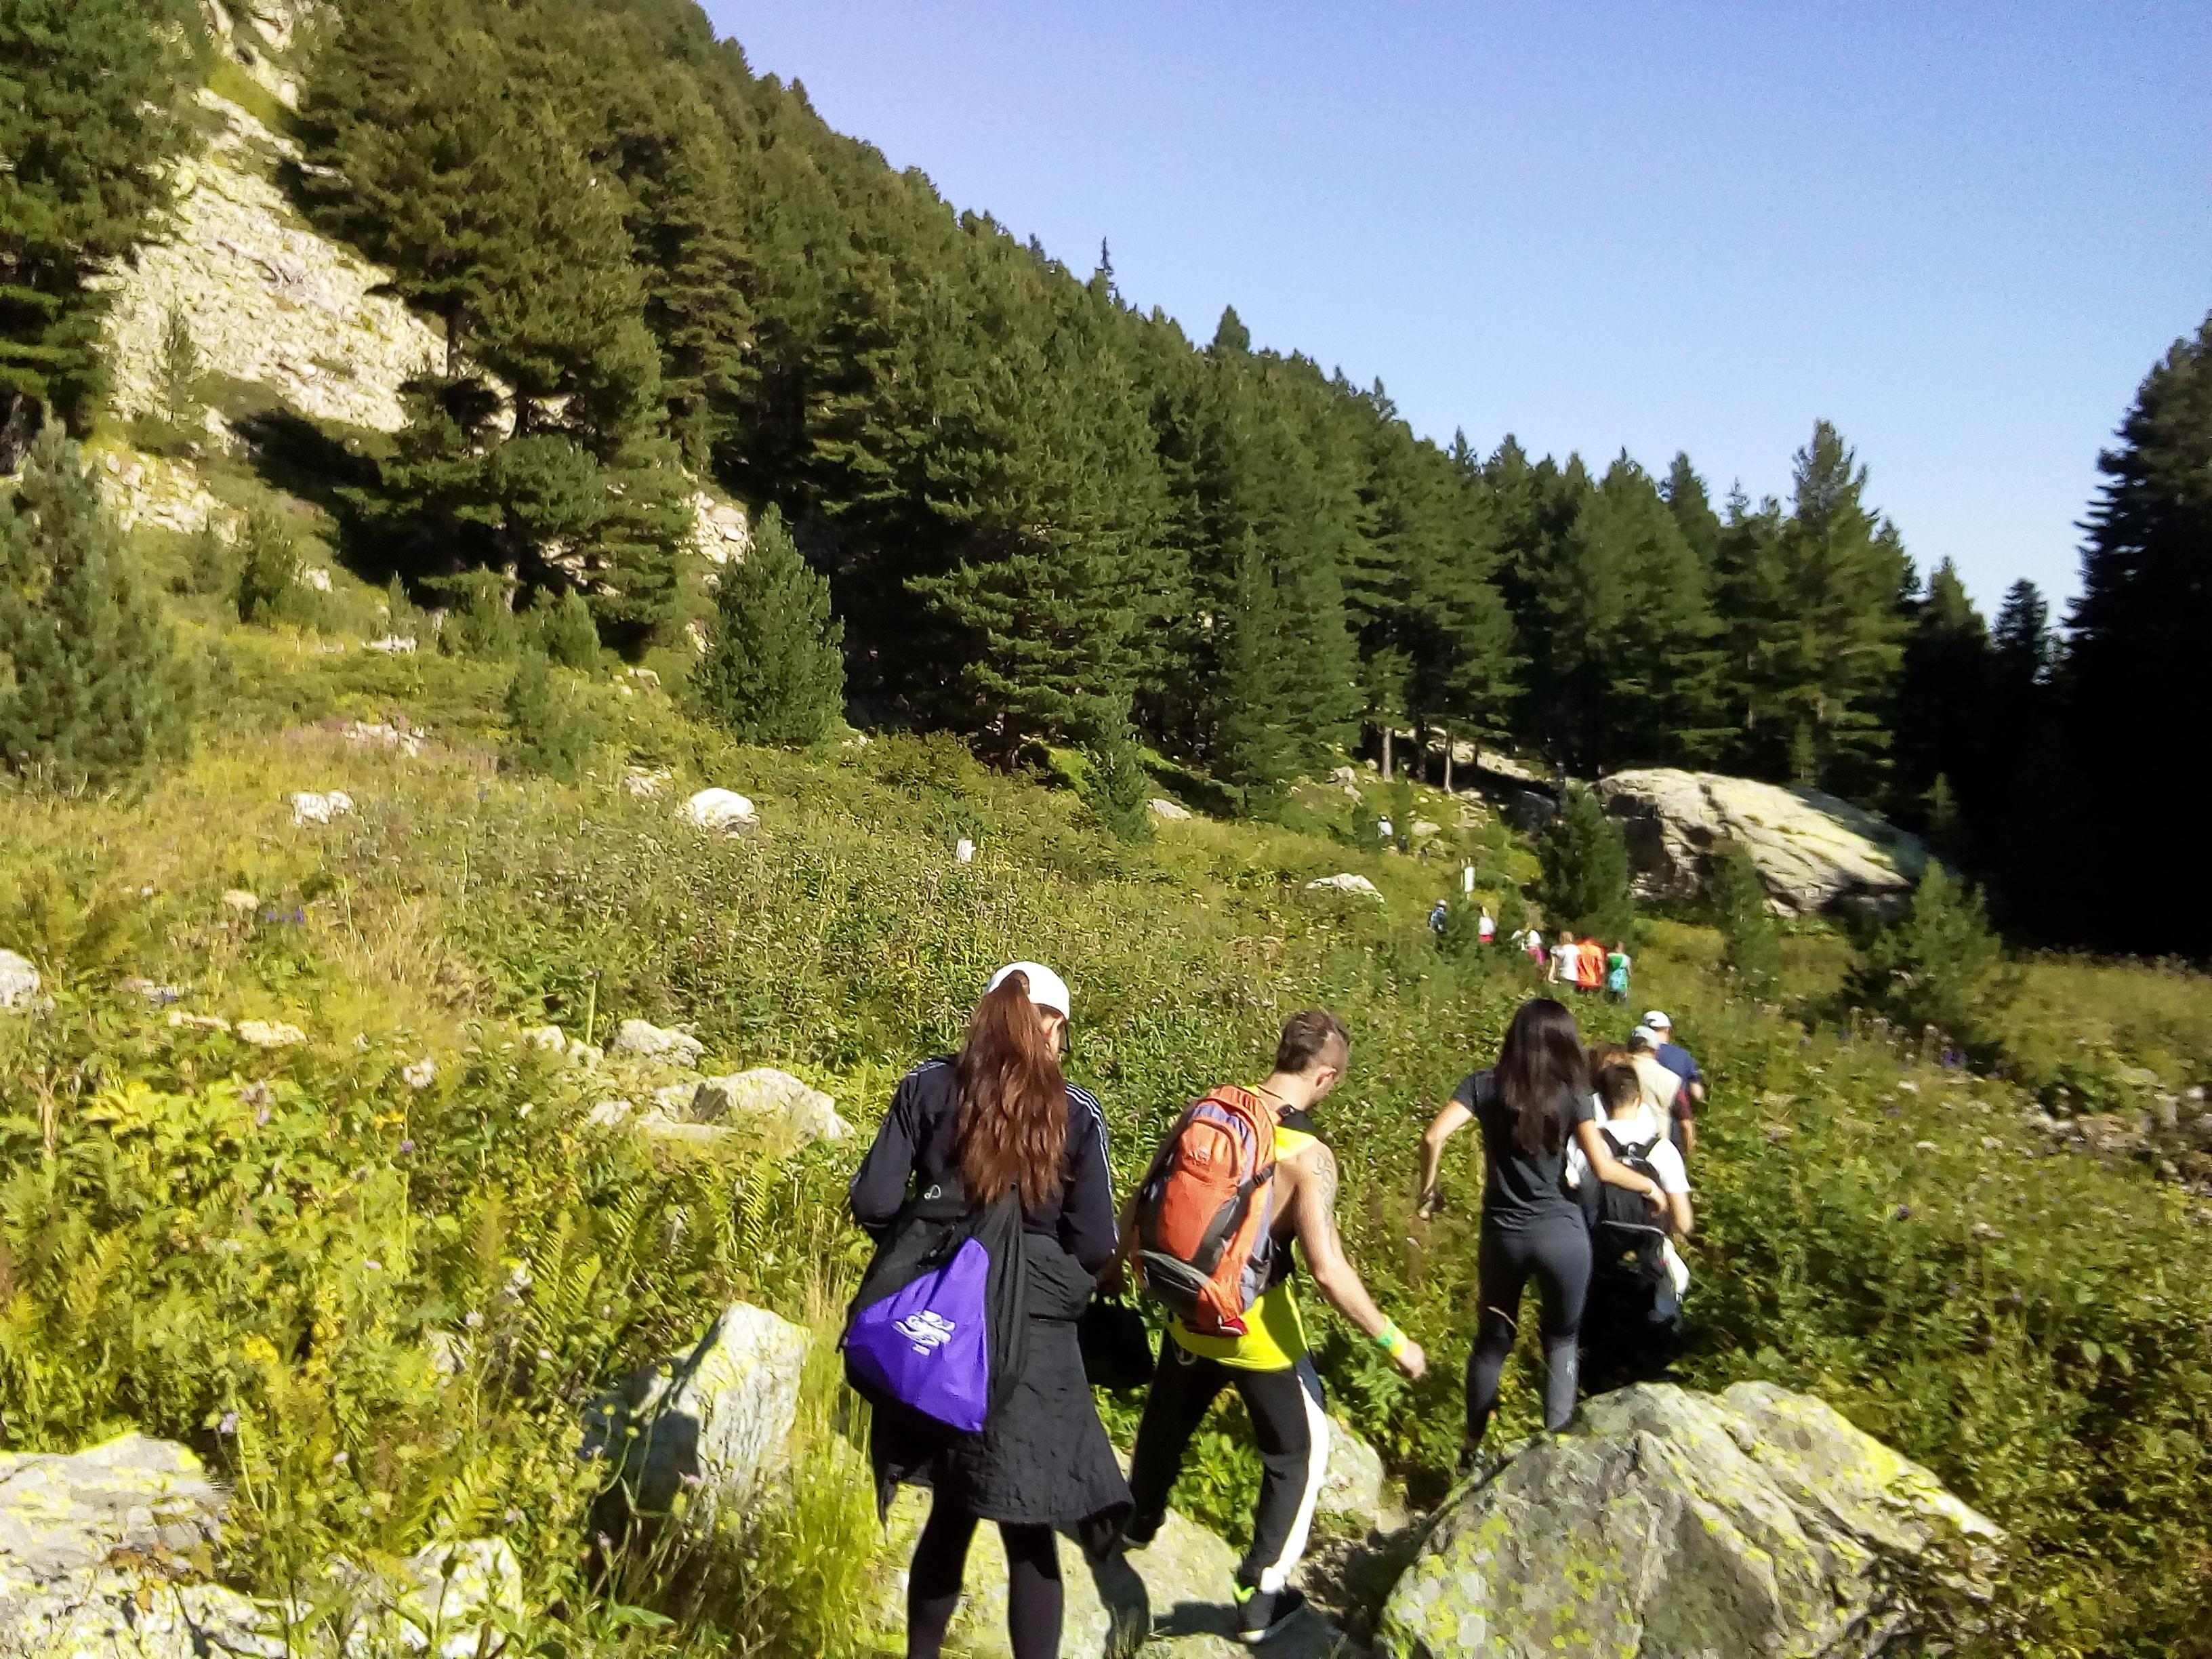 Bulgaria Adventure Tour in Vitosha Mountain from Sofia 1